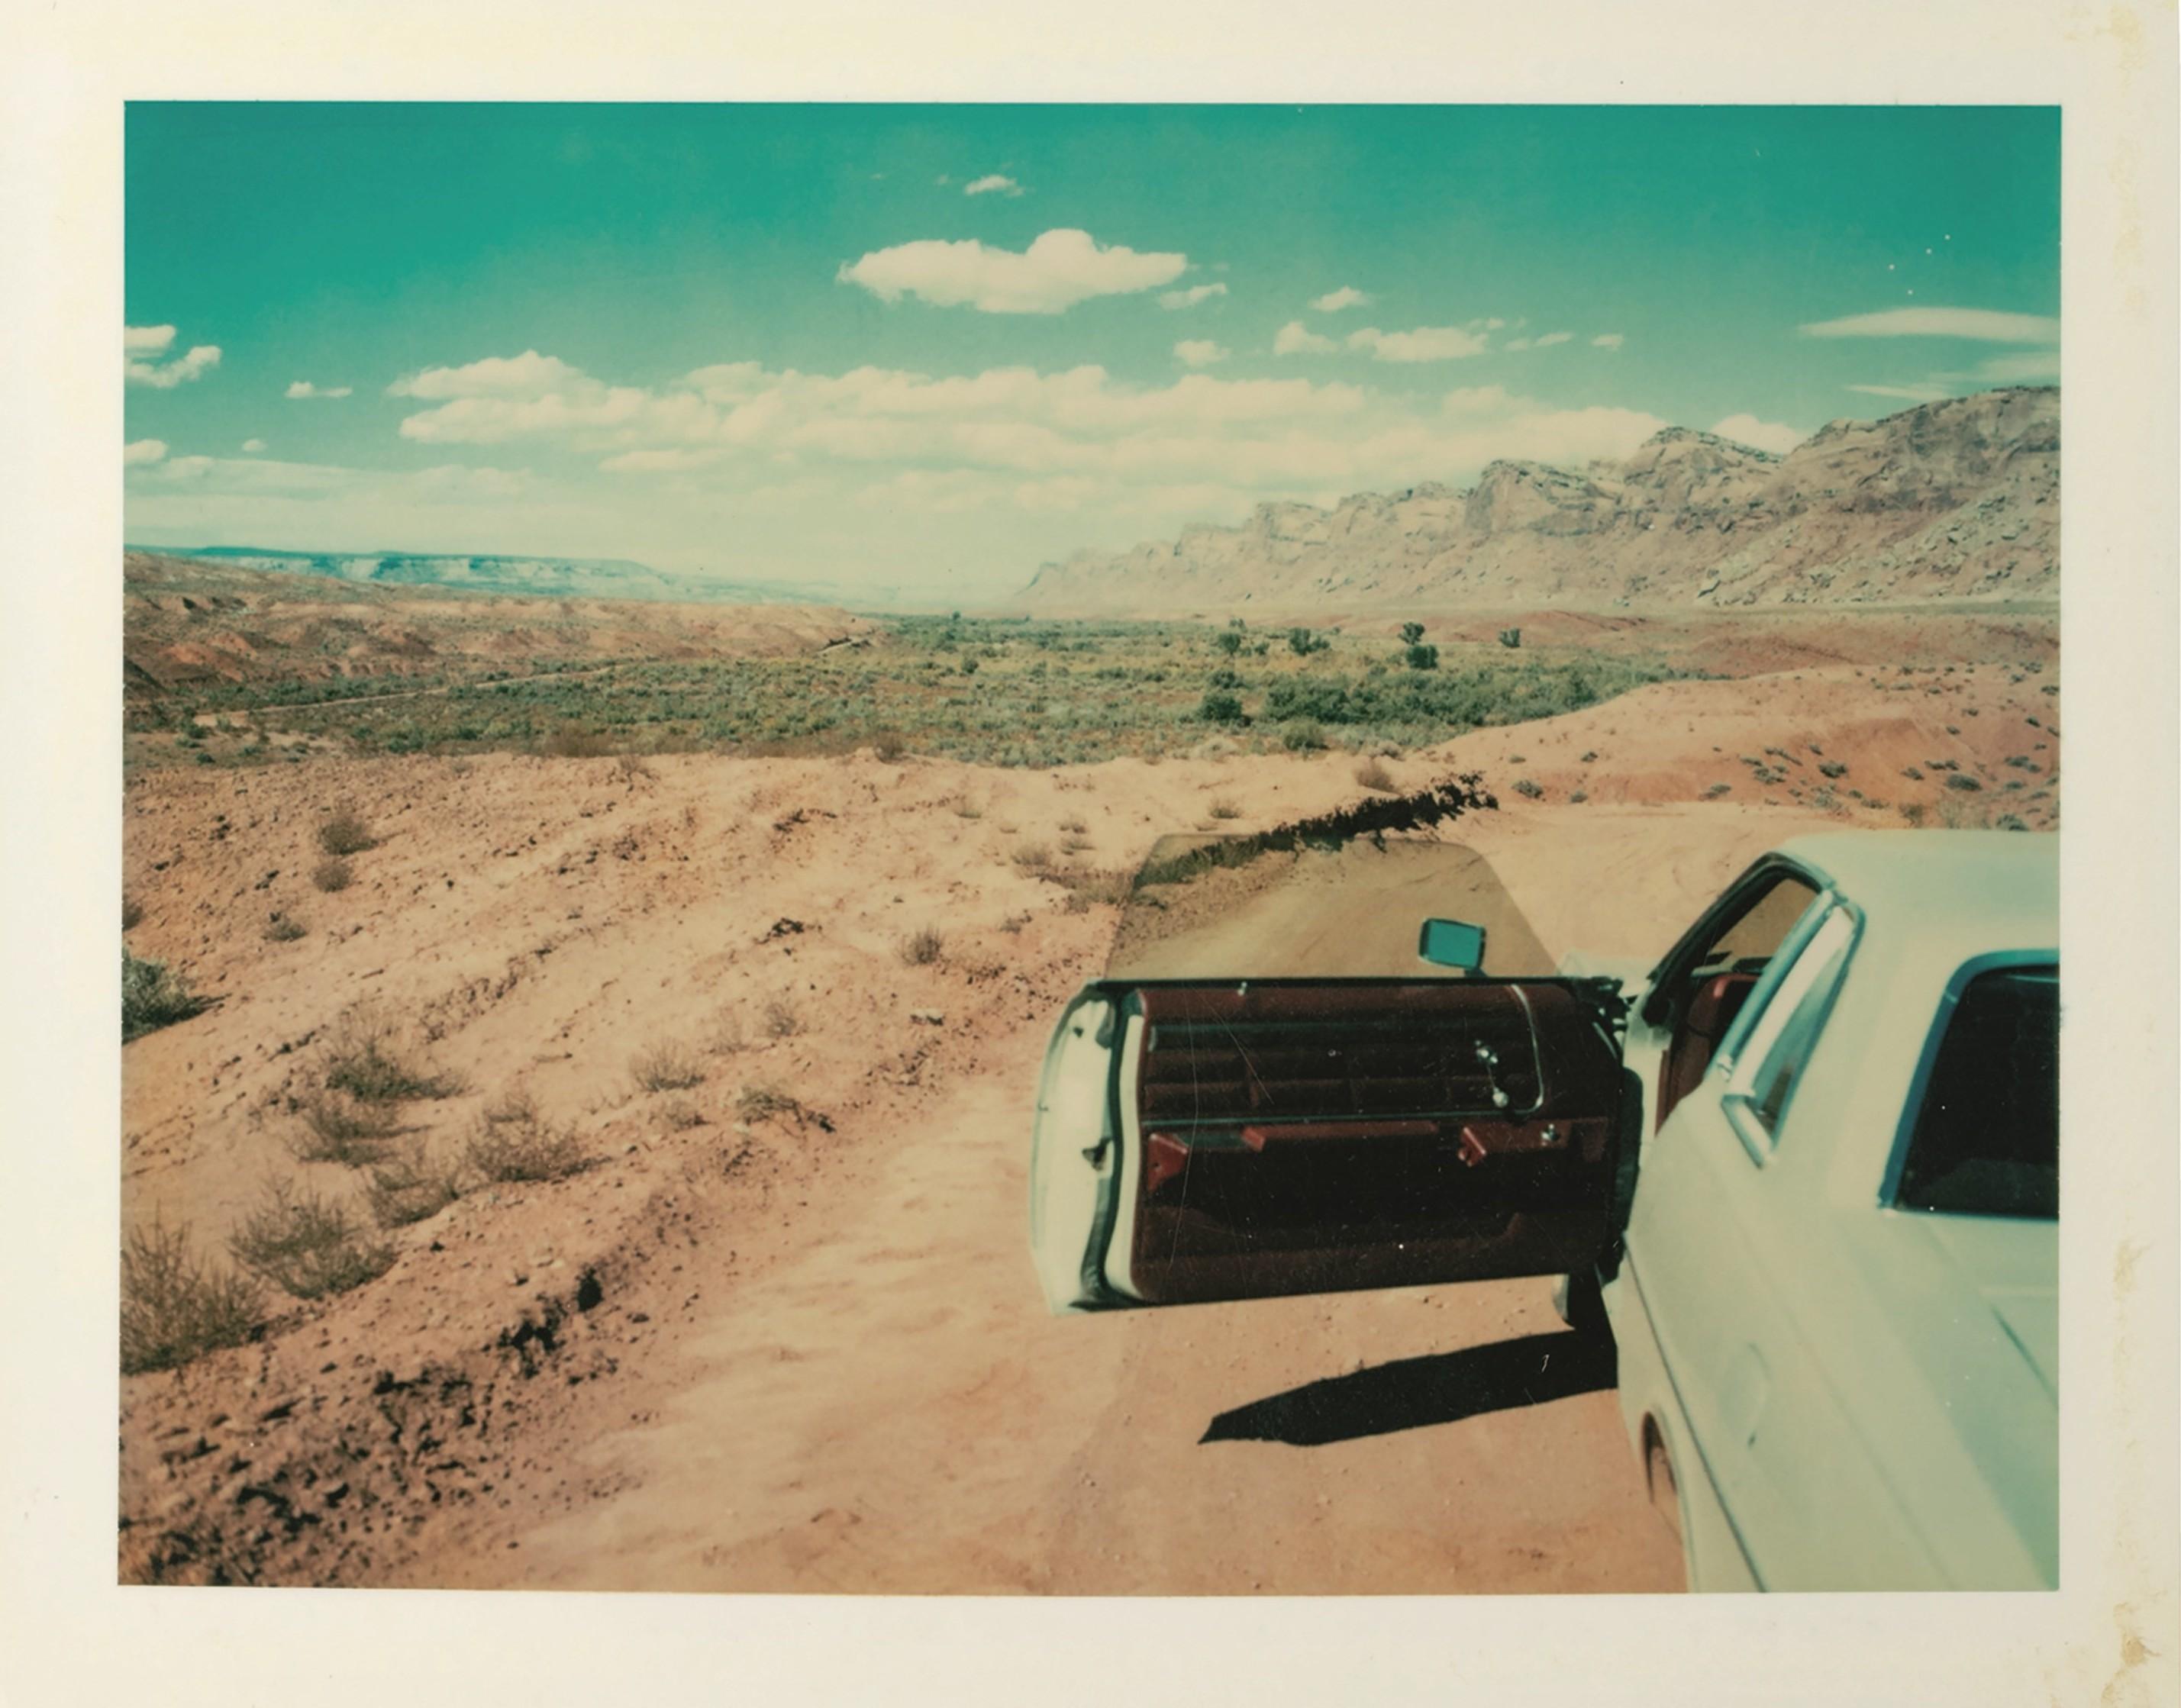 Долина богов, штат Юта, 1977. Фотограф Вим Вендерс